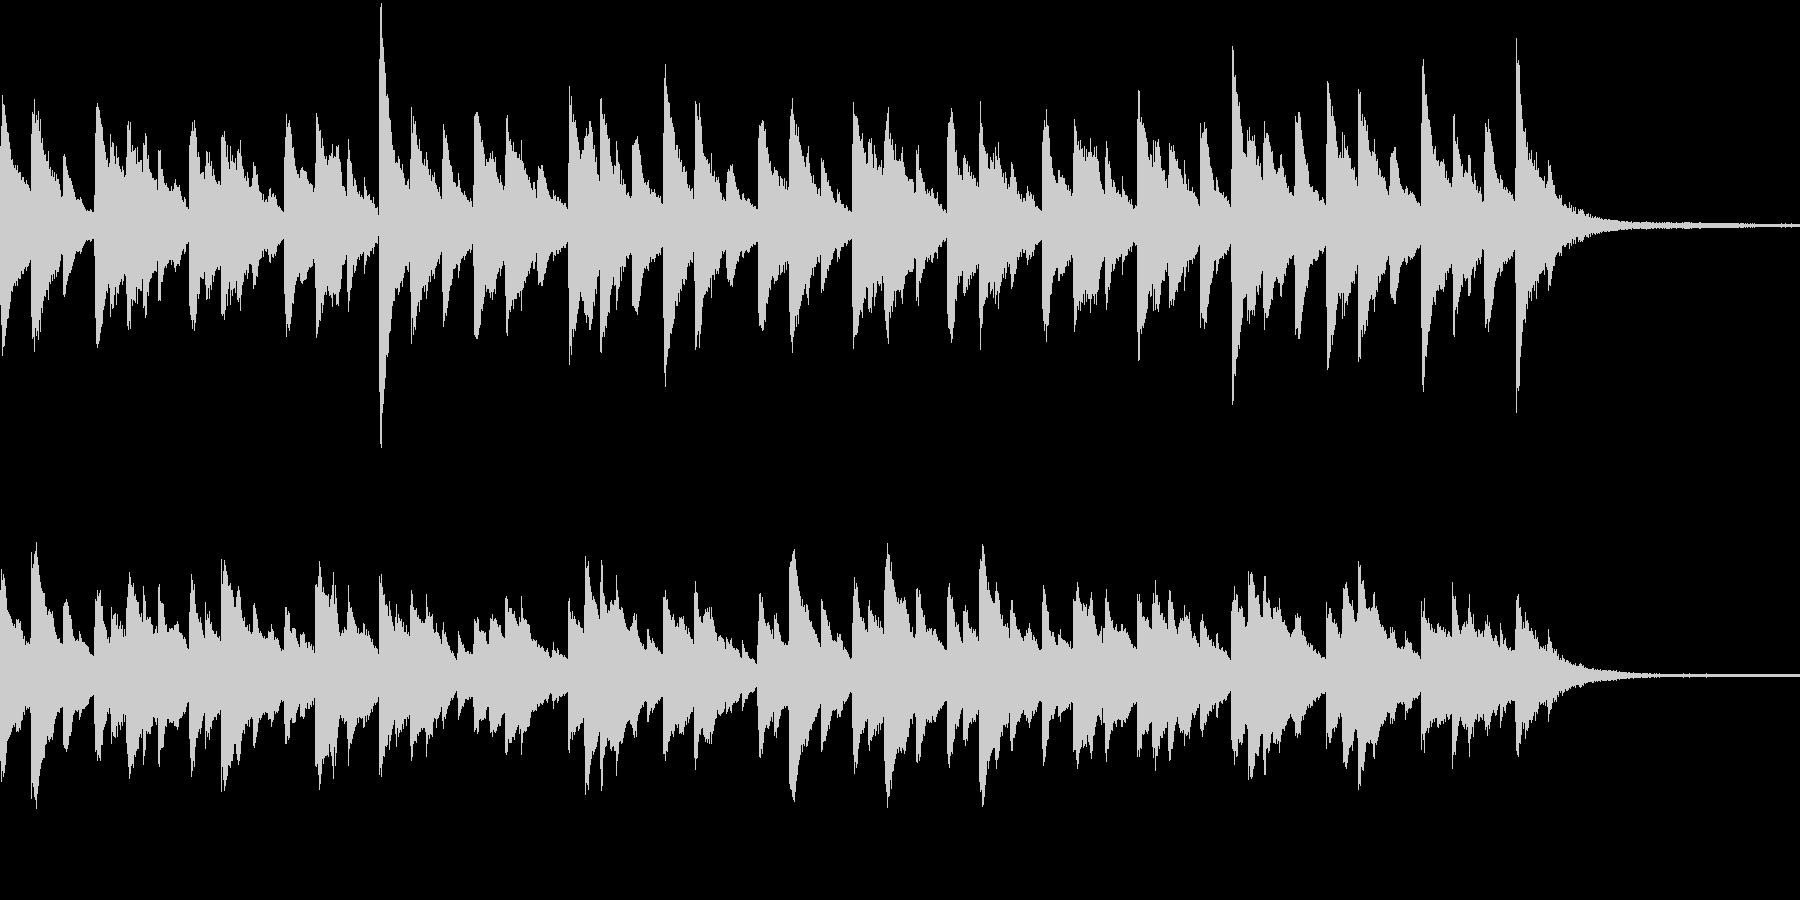 ピアノ曲30秒CMの未再生の波形